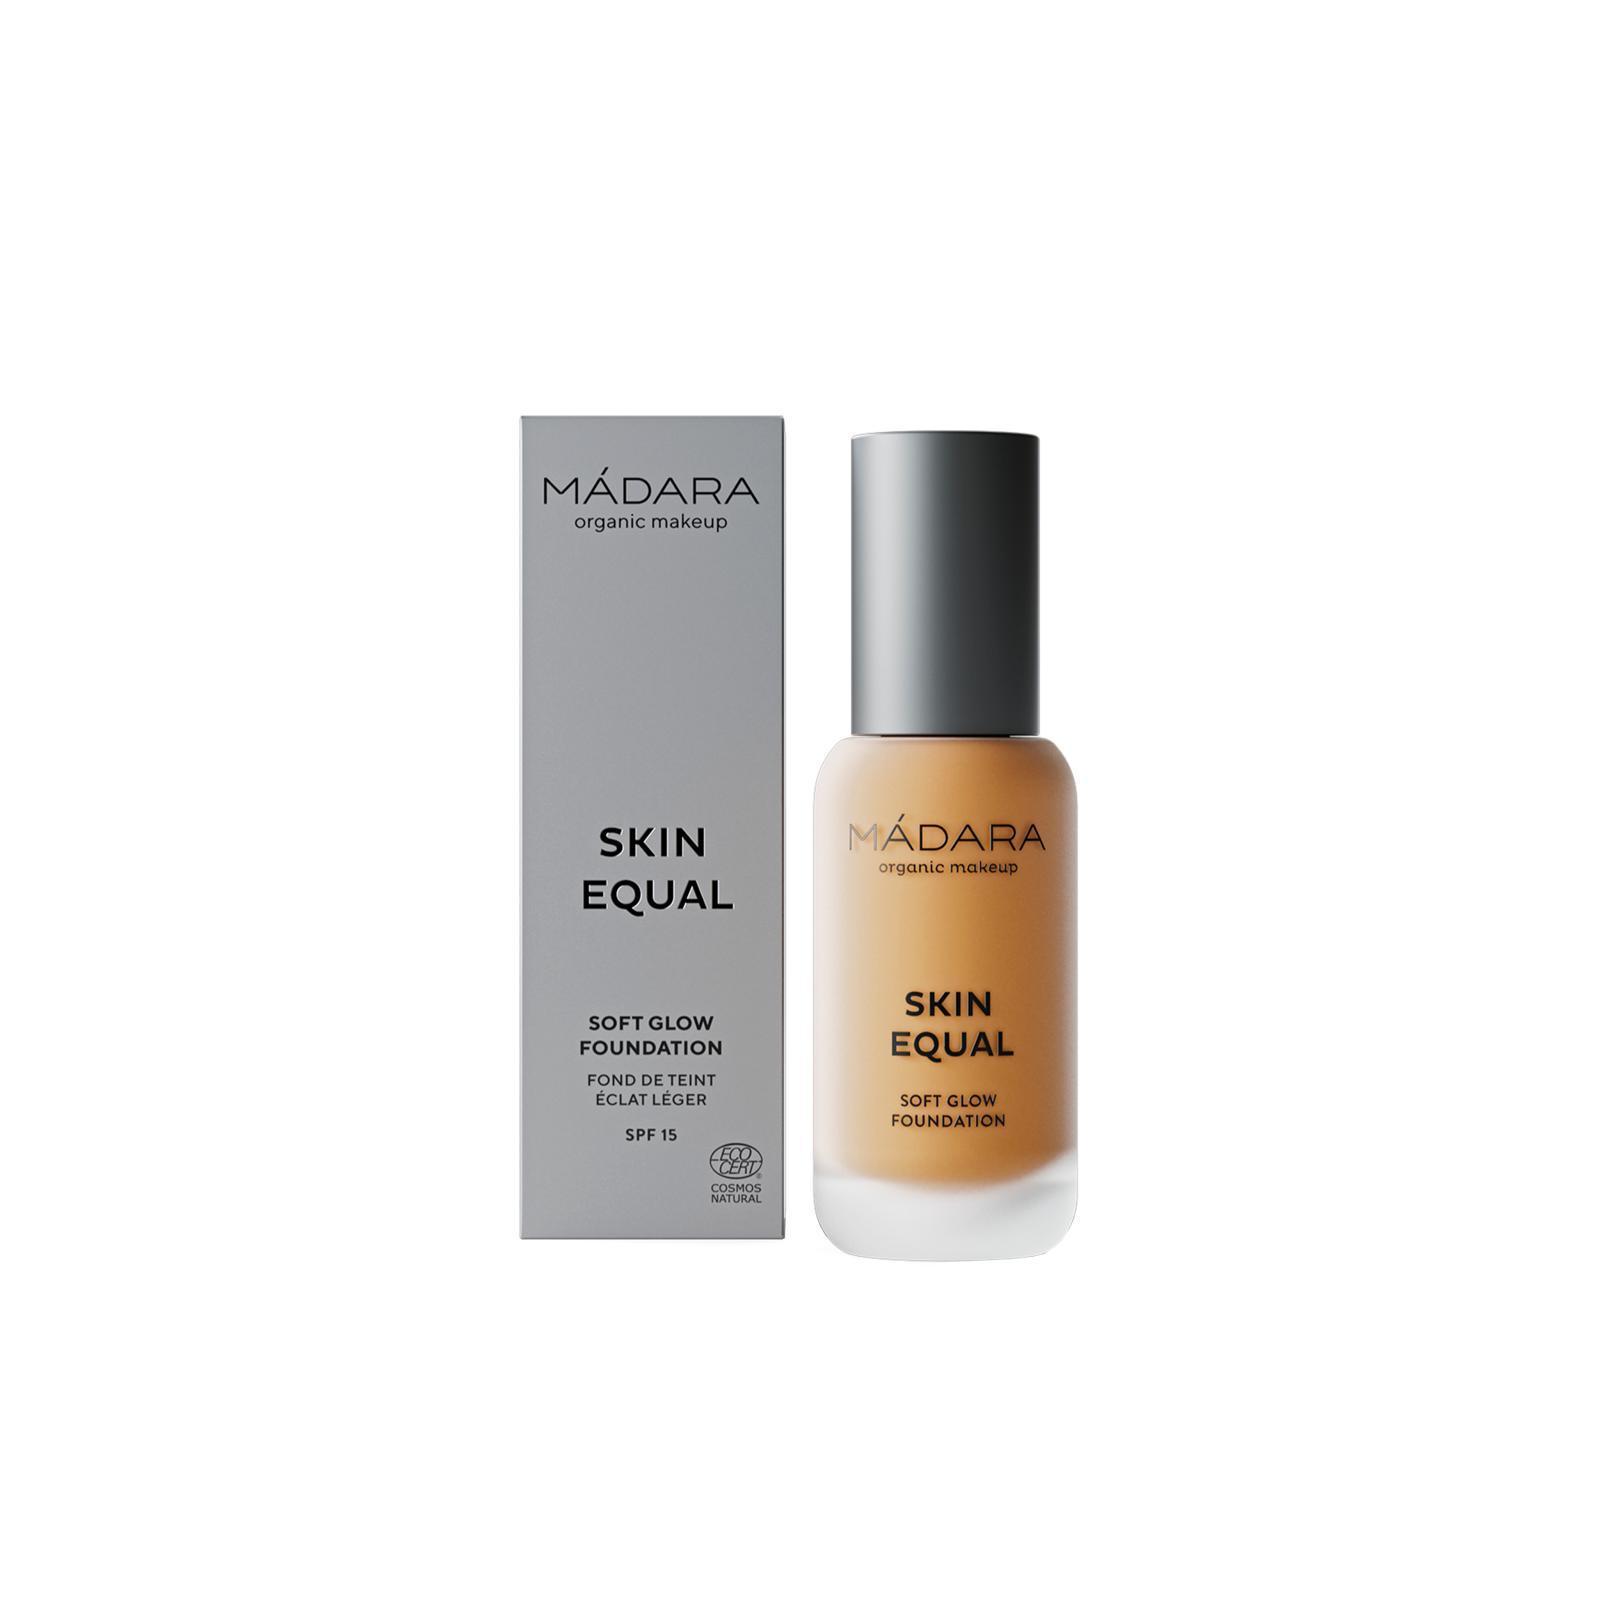 MÁDARA Make-up s SPF 15, Olive 60, Exspirace 07/21 30 ml